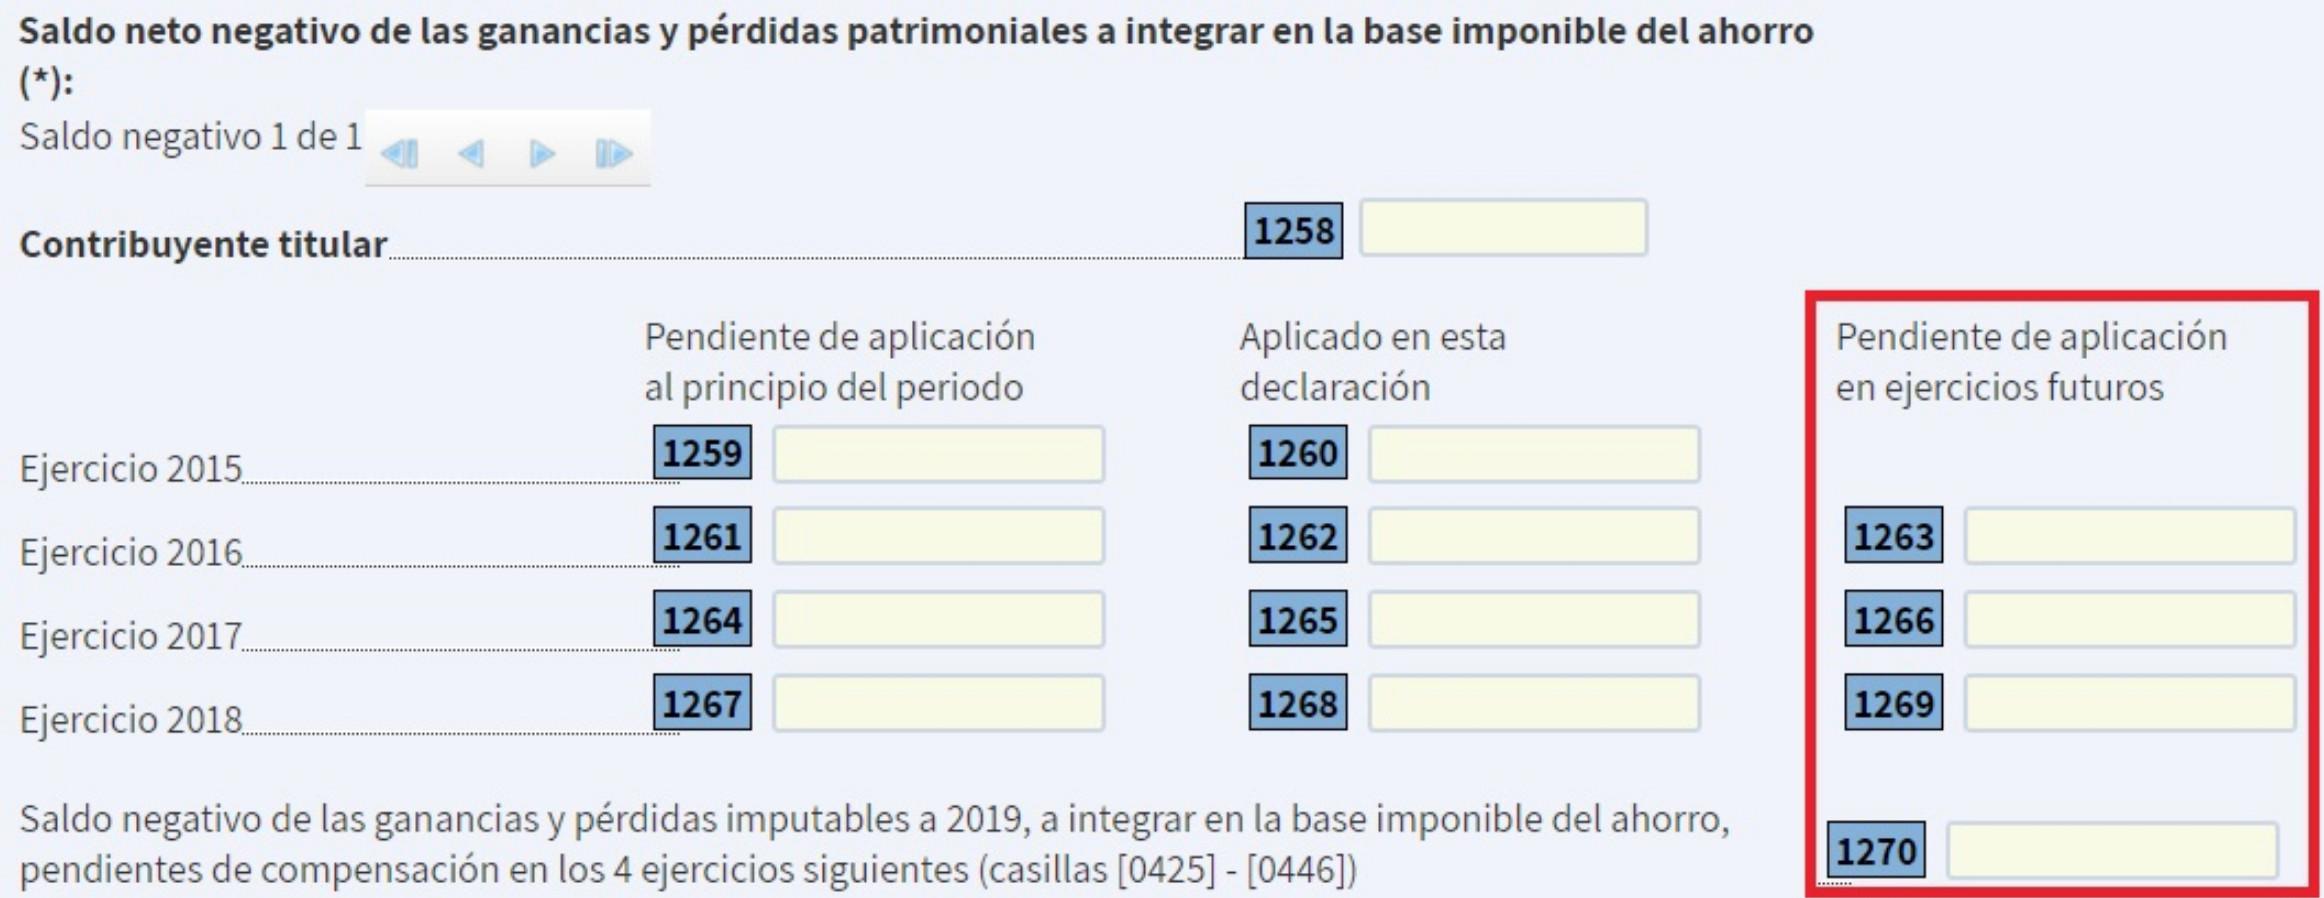 Declaración de renta de 2020 - Minusvalías pendientes de compensar de años anteriores a 2020